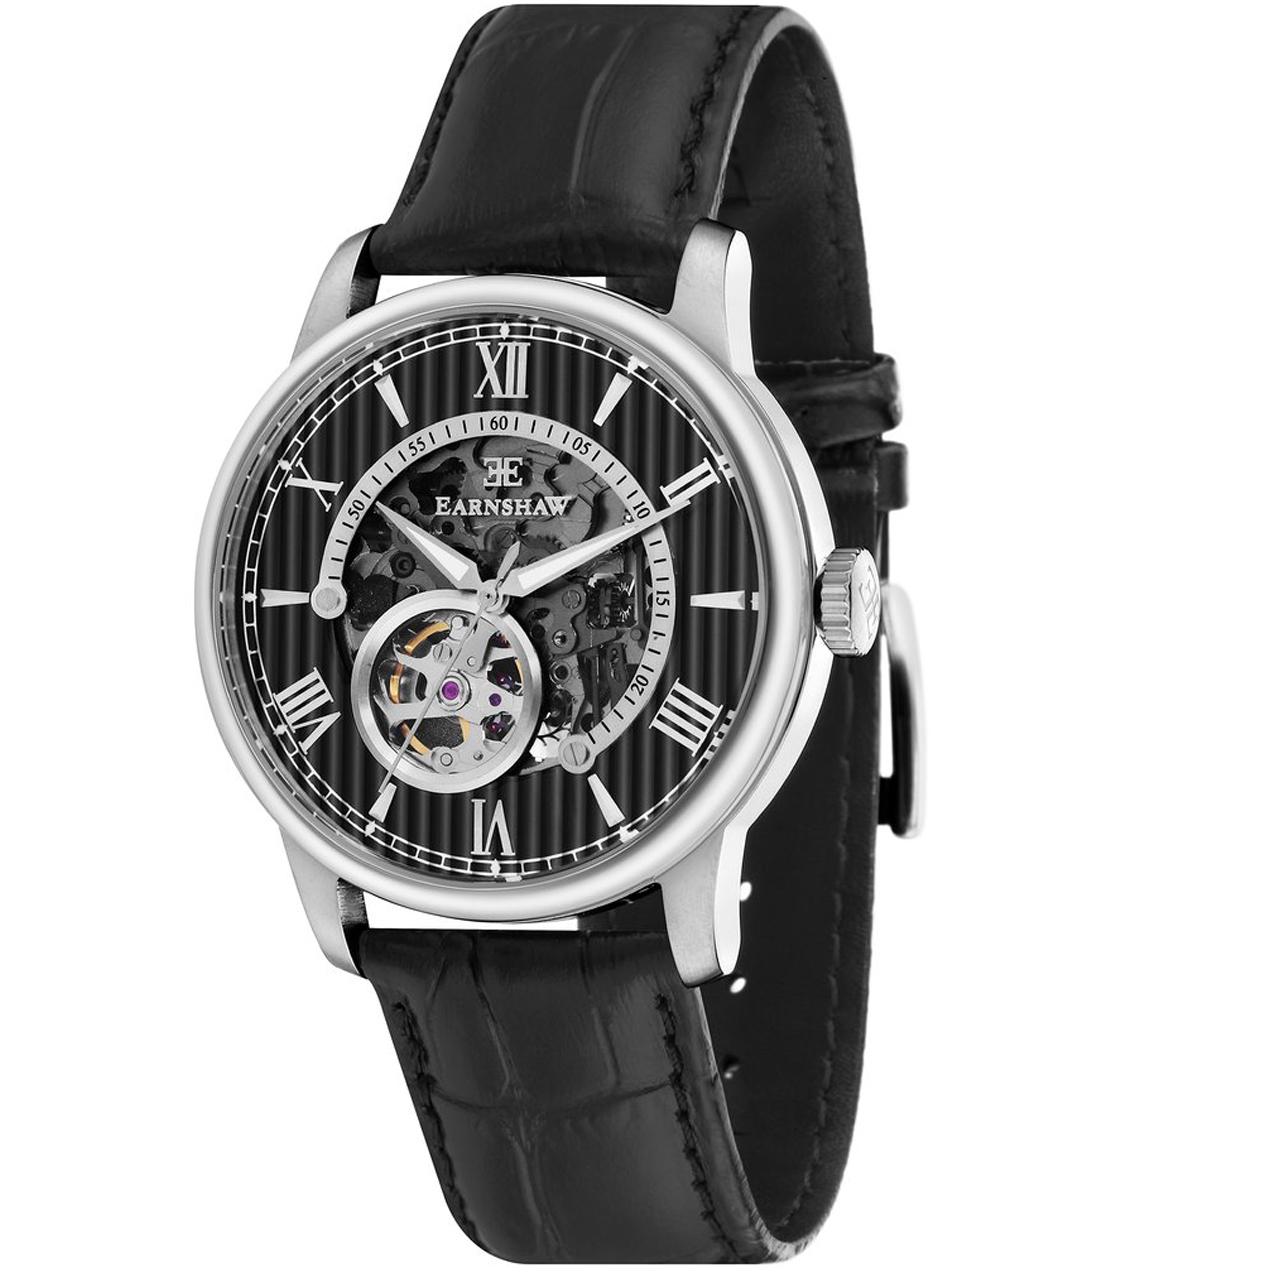 ساعت مچی عقربه ای مردانه ارنشا مدل ES-8802-01 19